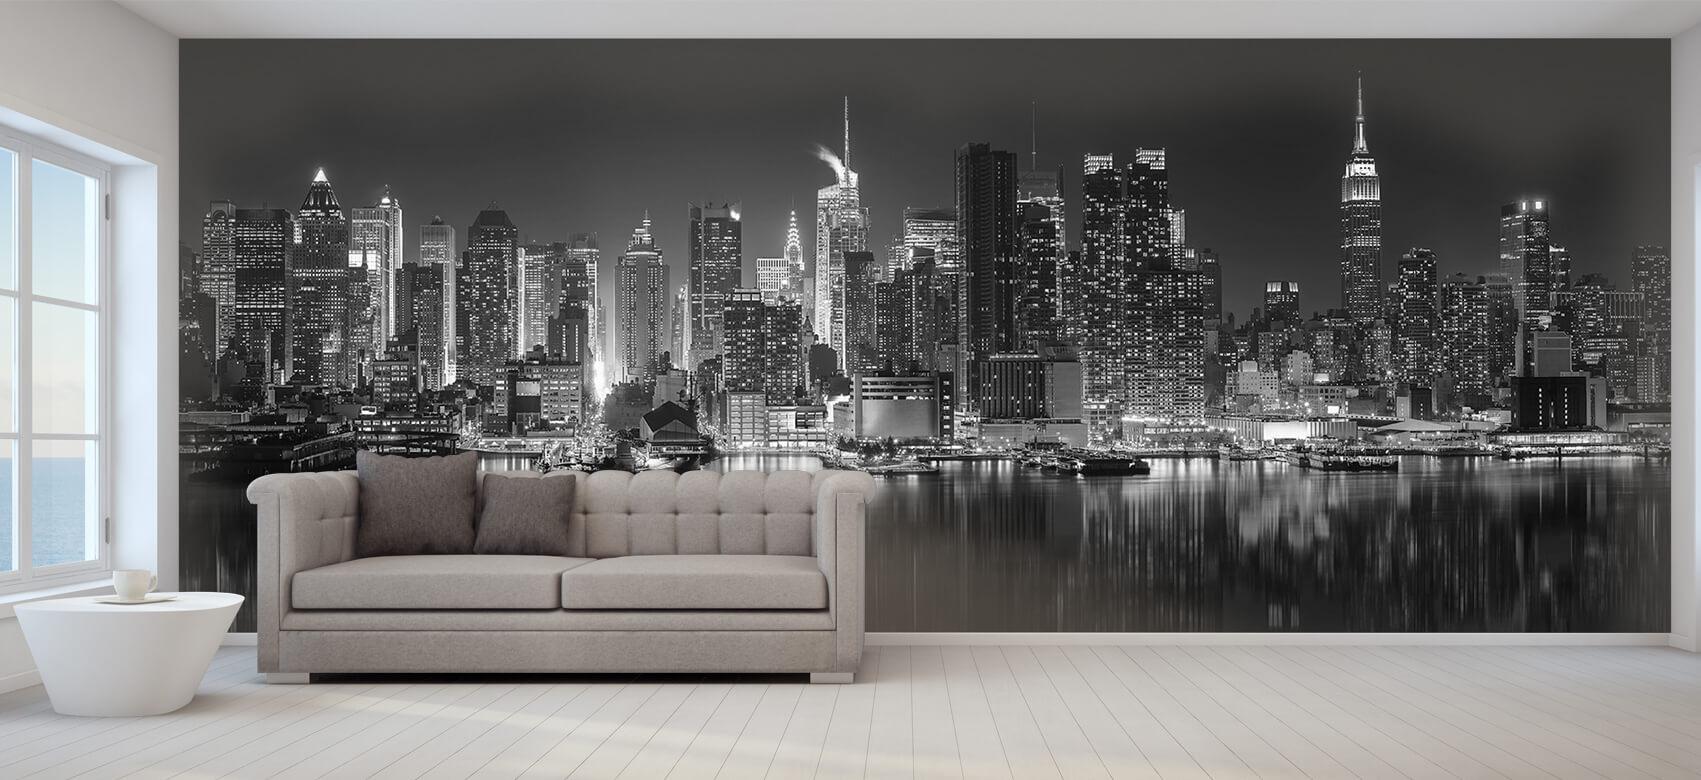 World & Cities Photo wallpaper New York skyline at night 9